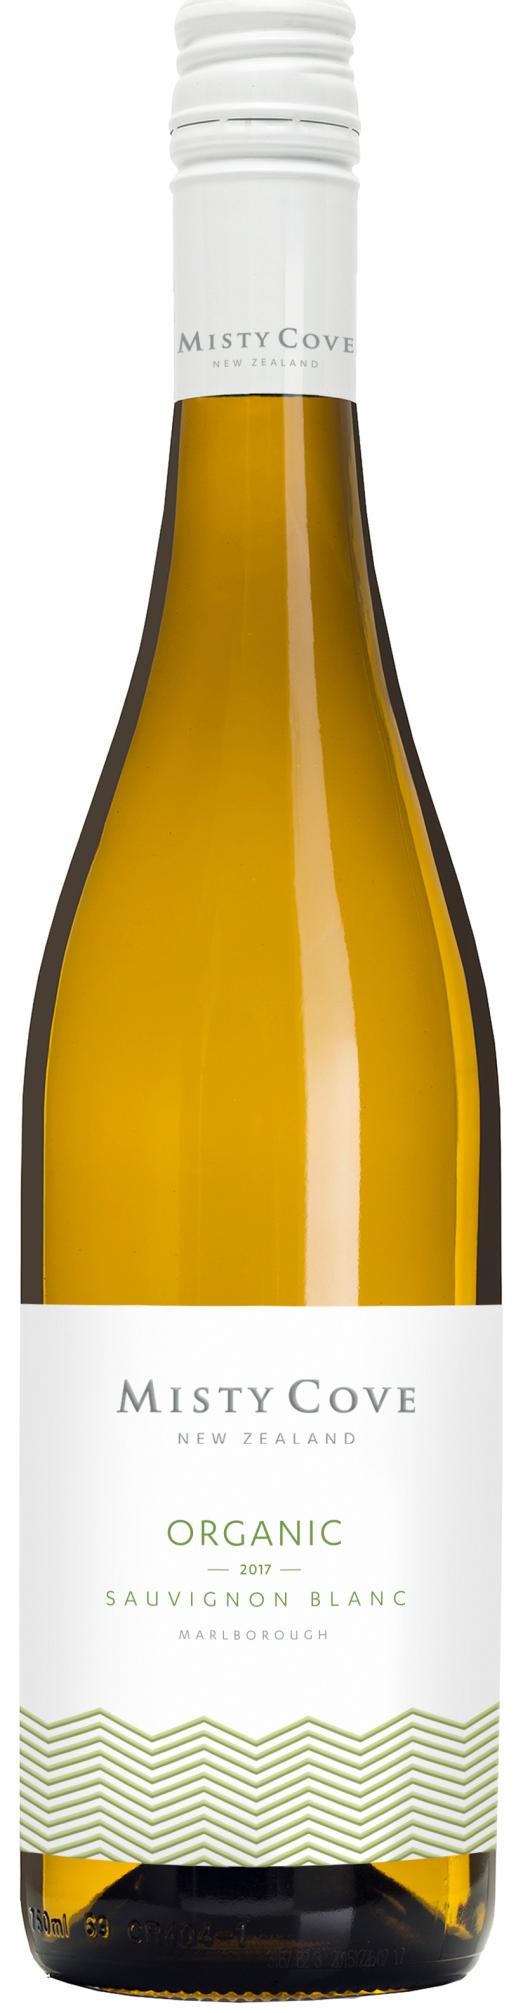 Misty Cove 'Organic' Sauvignon Blanc 2017-0